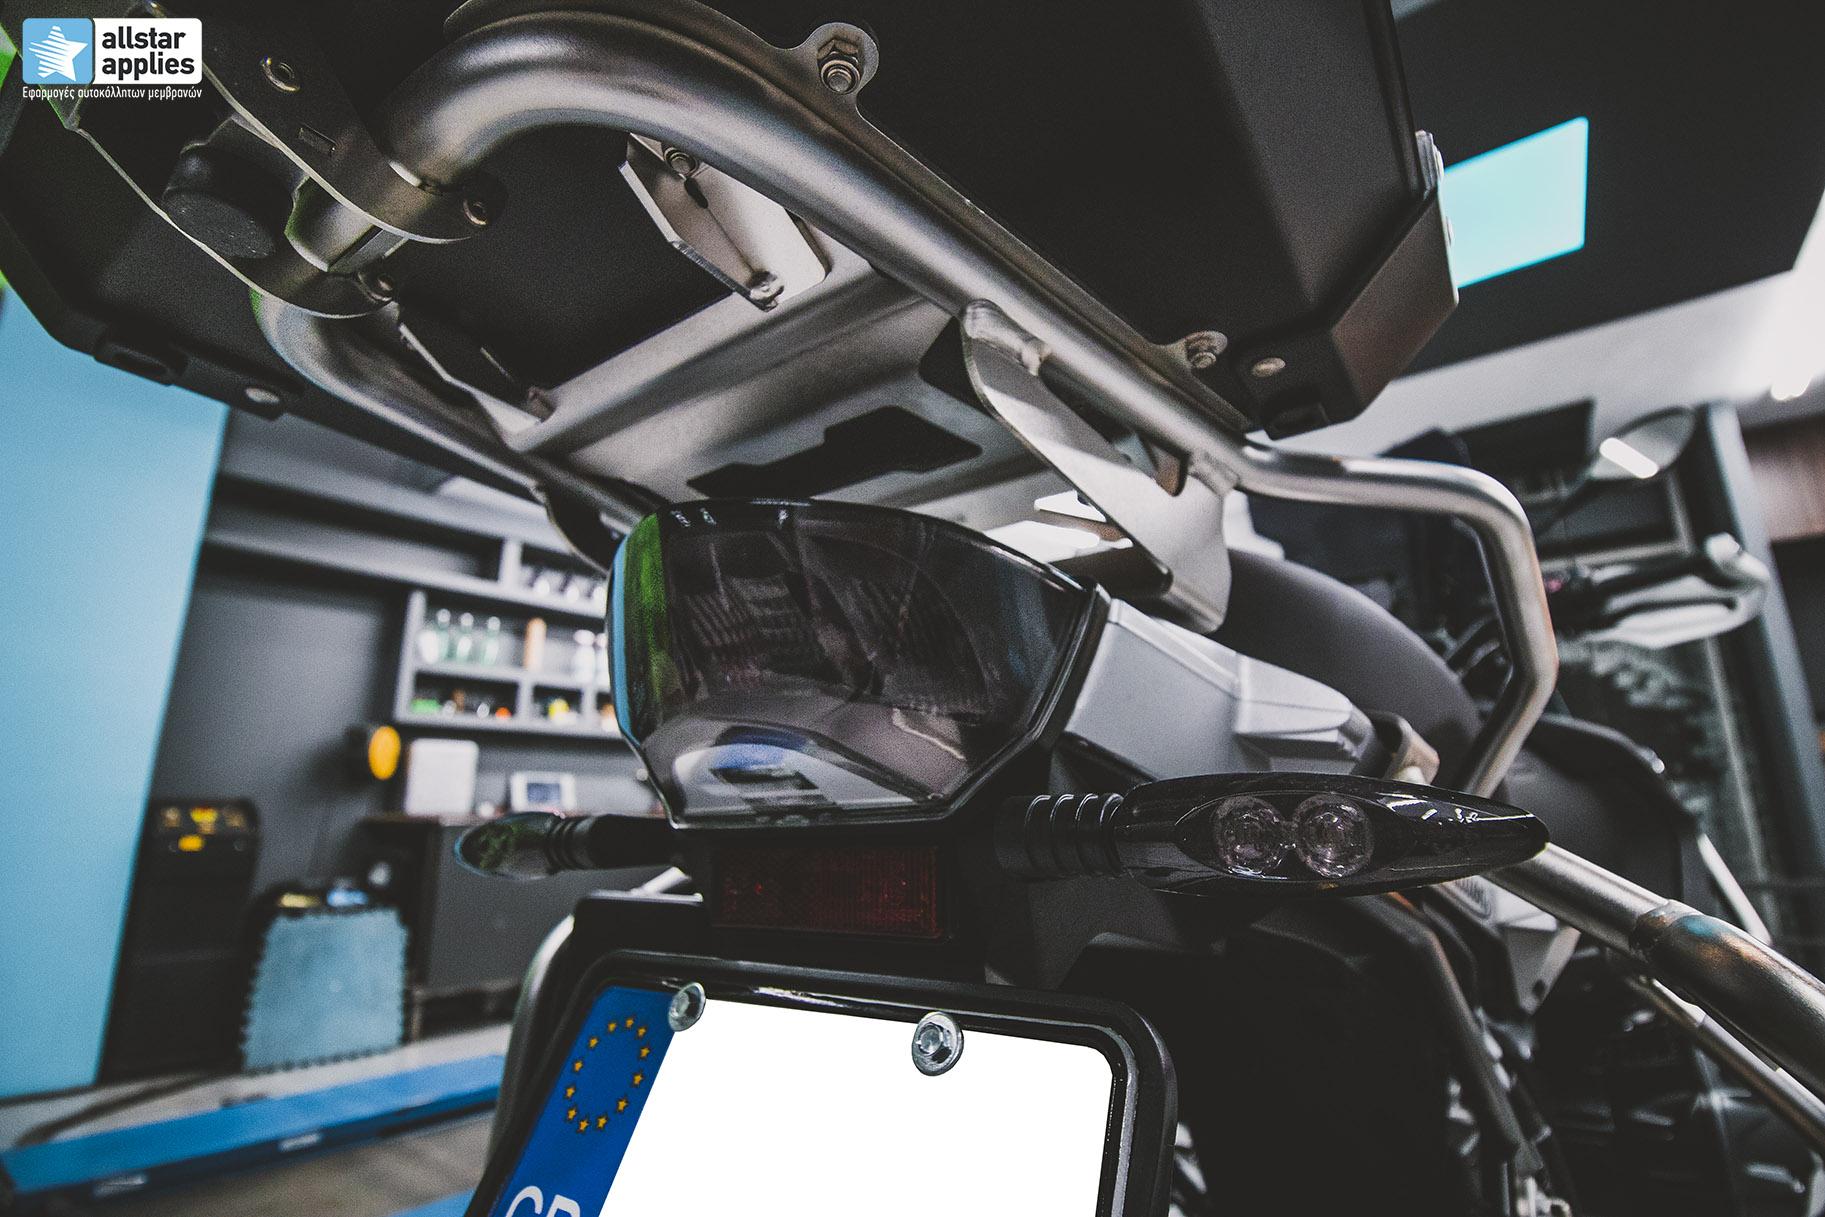 Μεμβράνες φαναριών μηχανής gs 1250 Allstar Applies Θεσσαλονίκη